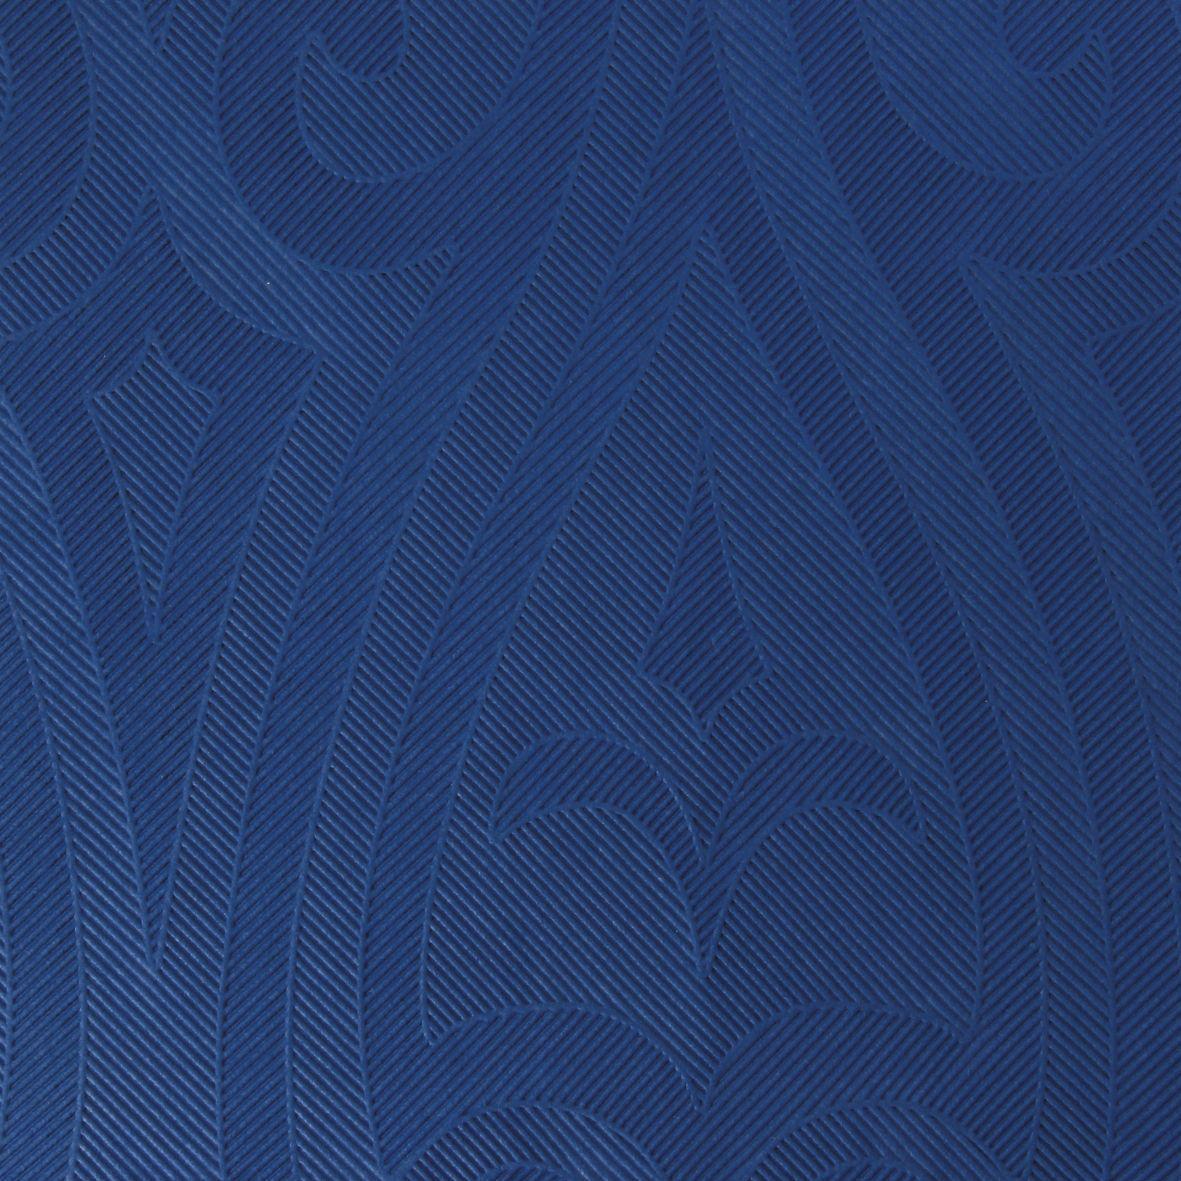 Салфетки бумажные Duni Элеганс Lily, 40 см159508Трехслойные бумажные салфетки изготовлены из экологически чистого, высококачественного сырья - 100% целлюлозы. Салфетки выполнены в оригинальном и современном стиле, прекрасно сочетаются с любым интерьером и всегда будут прекрасным и незаменимым украшением стола.